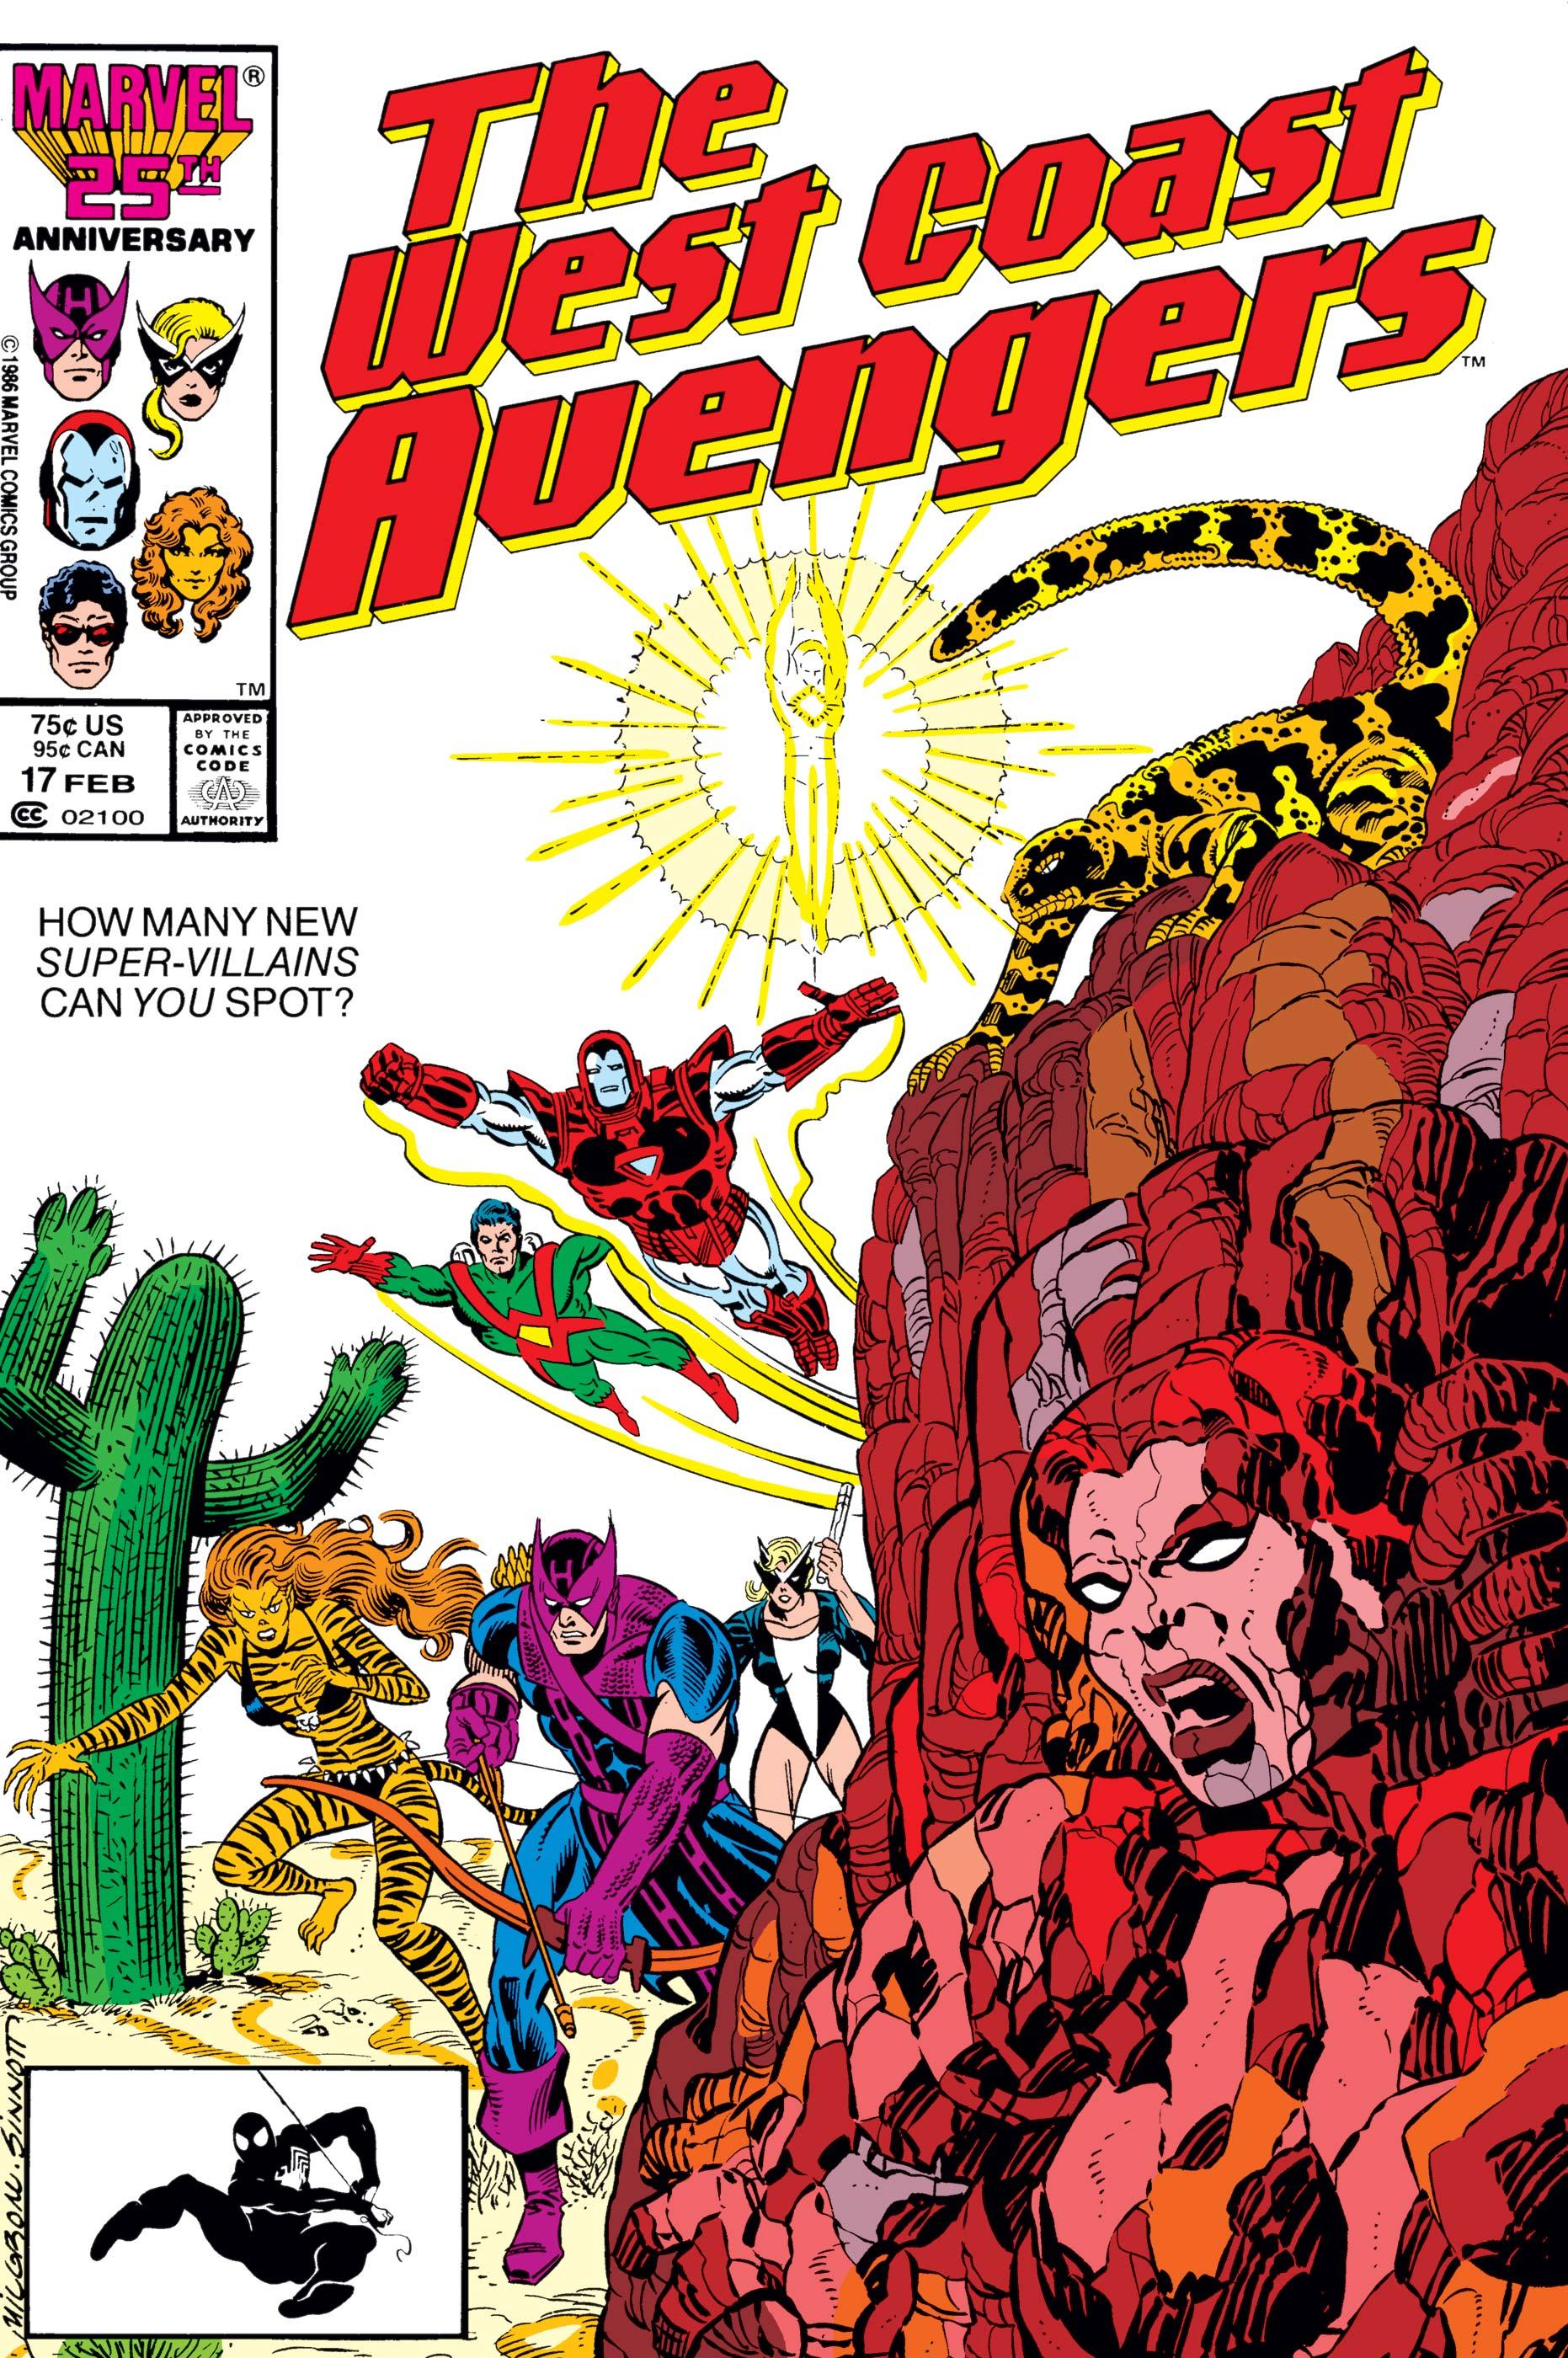 West Coast Avengers (1985) #17